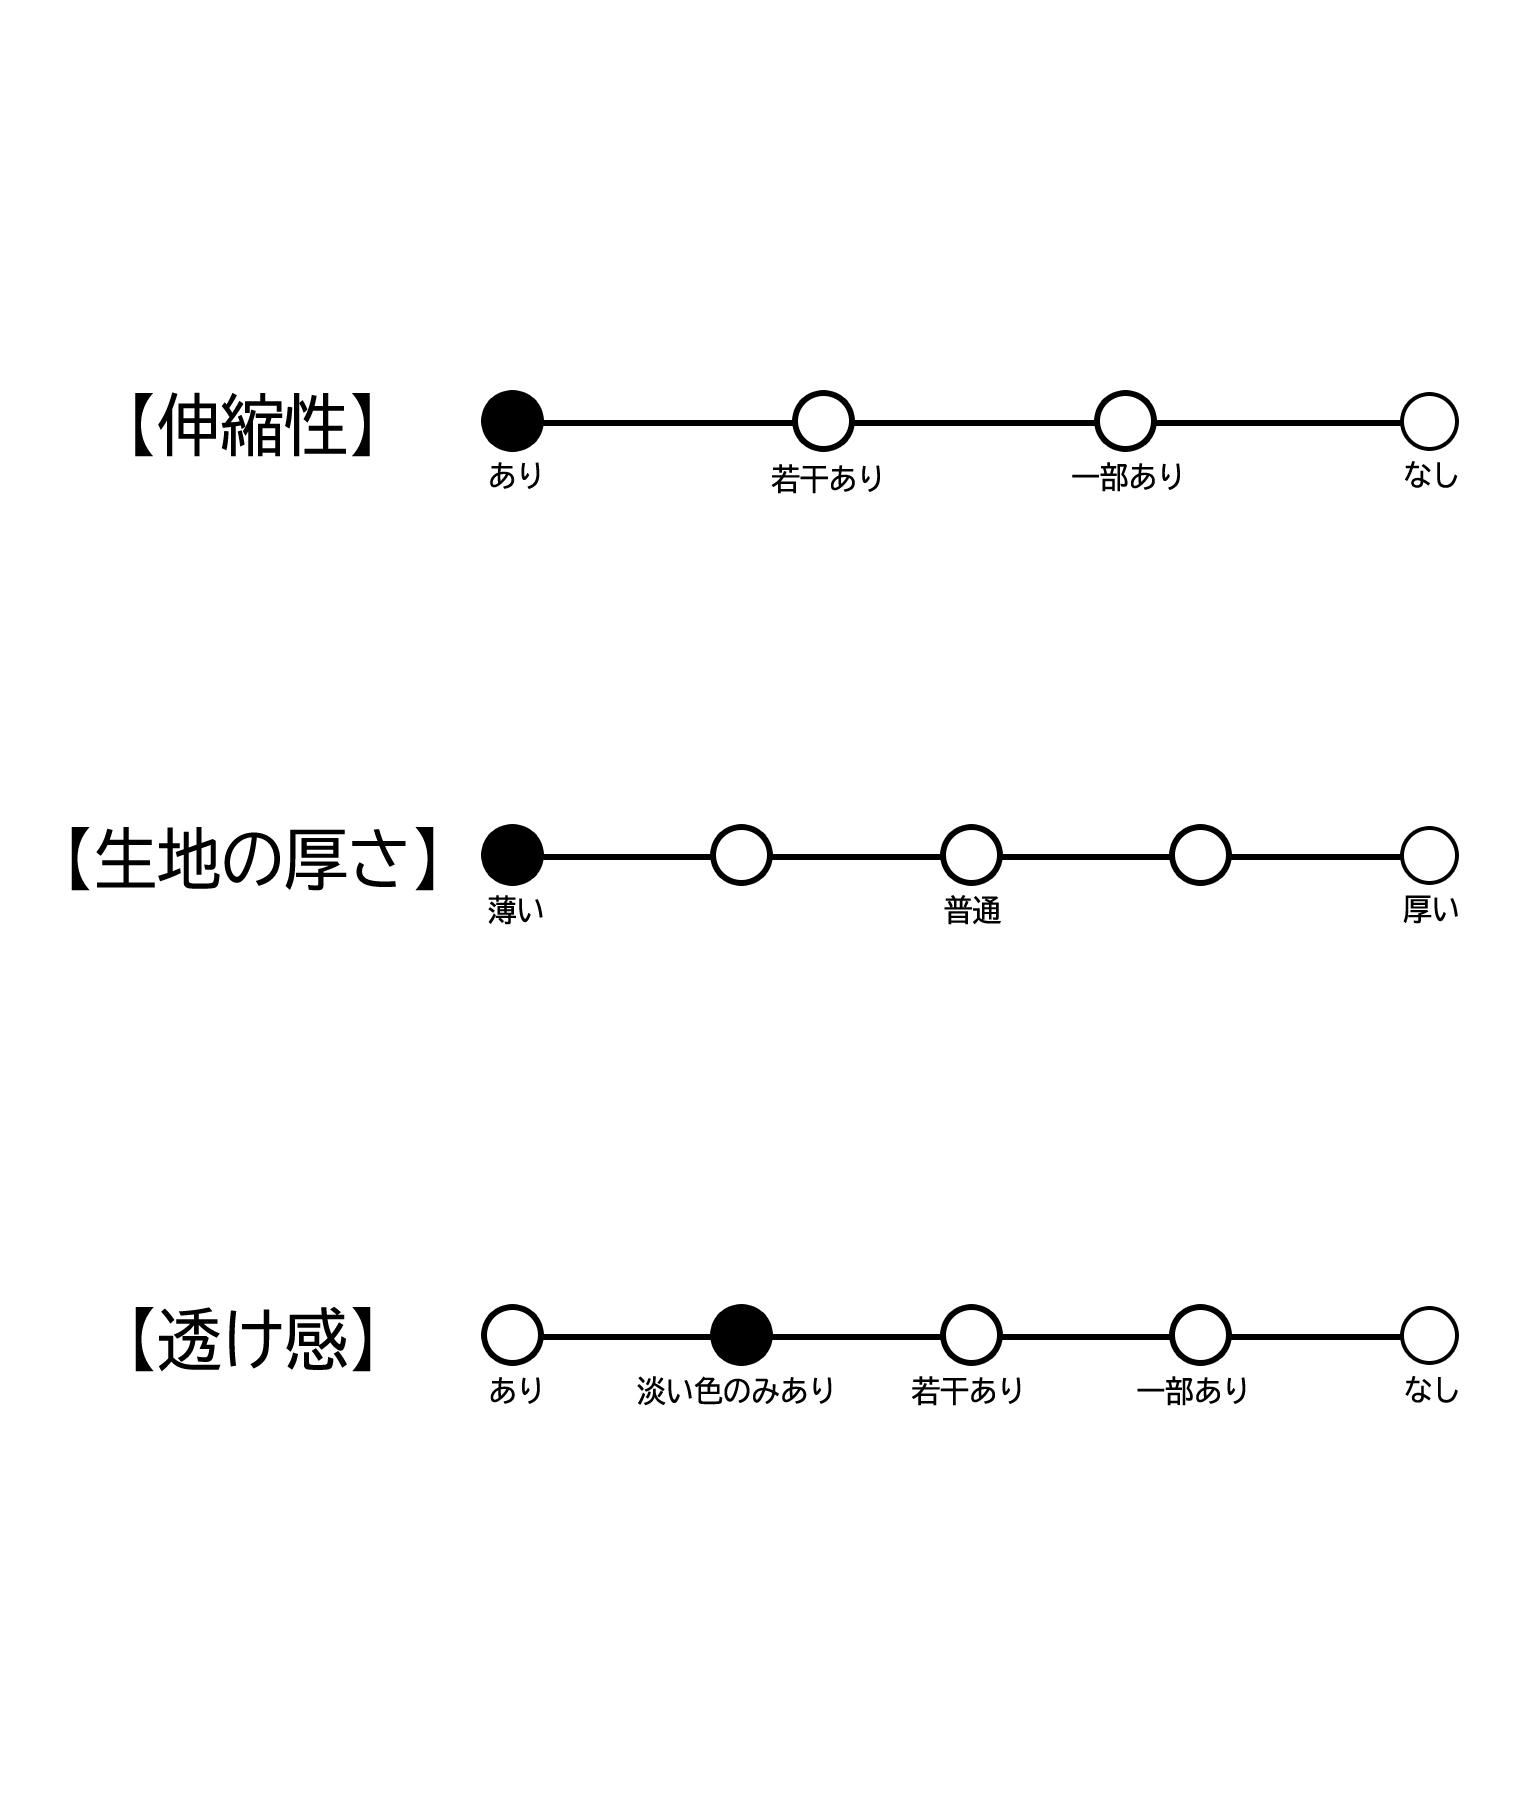 絞り素材トップス(トップス/カットソー )   CHILLE